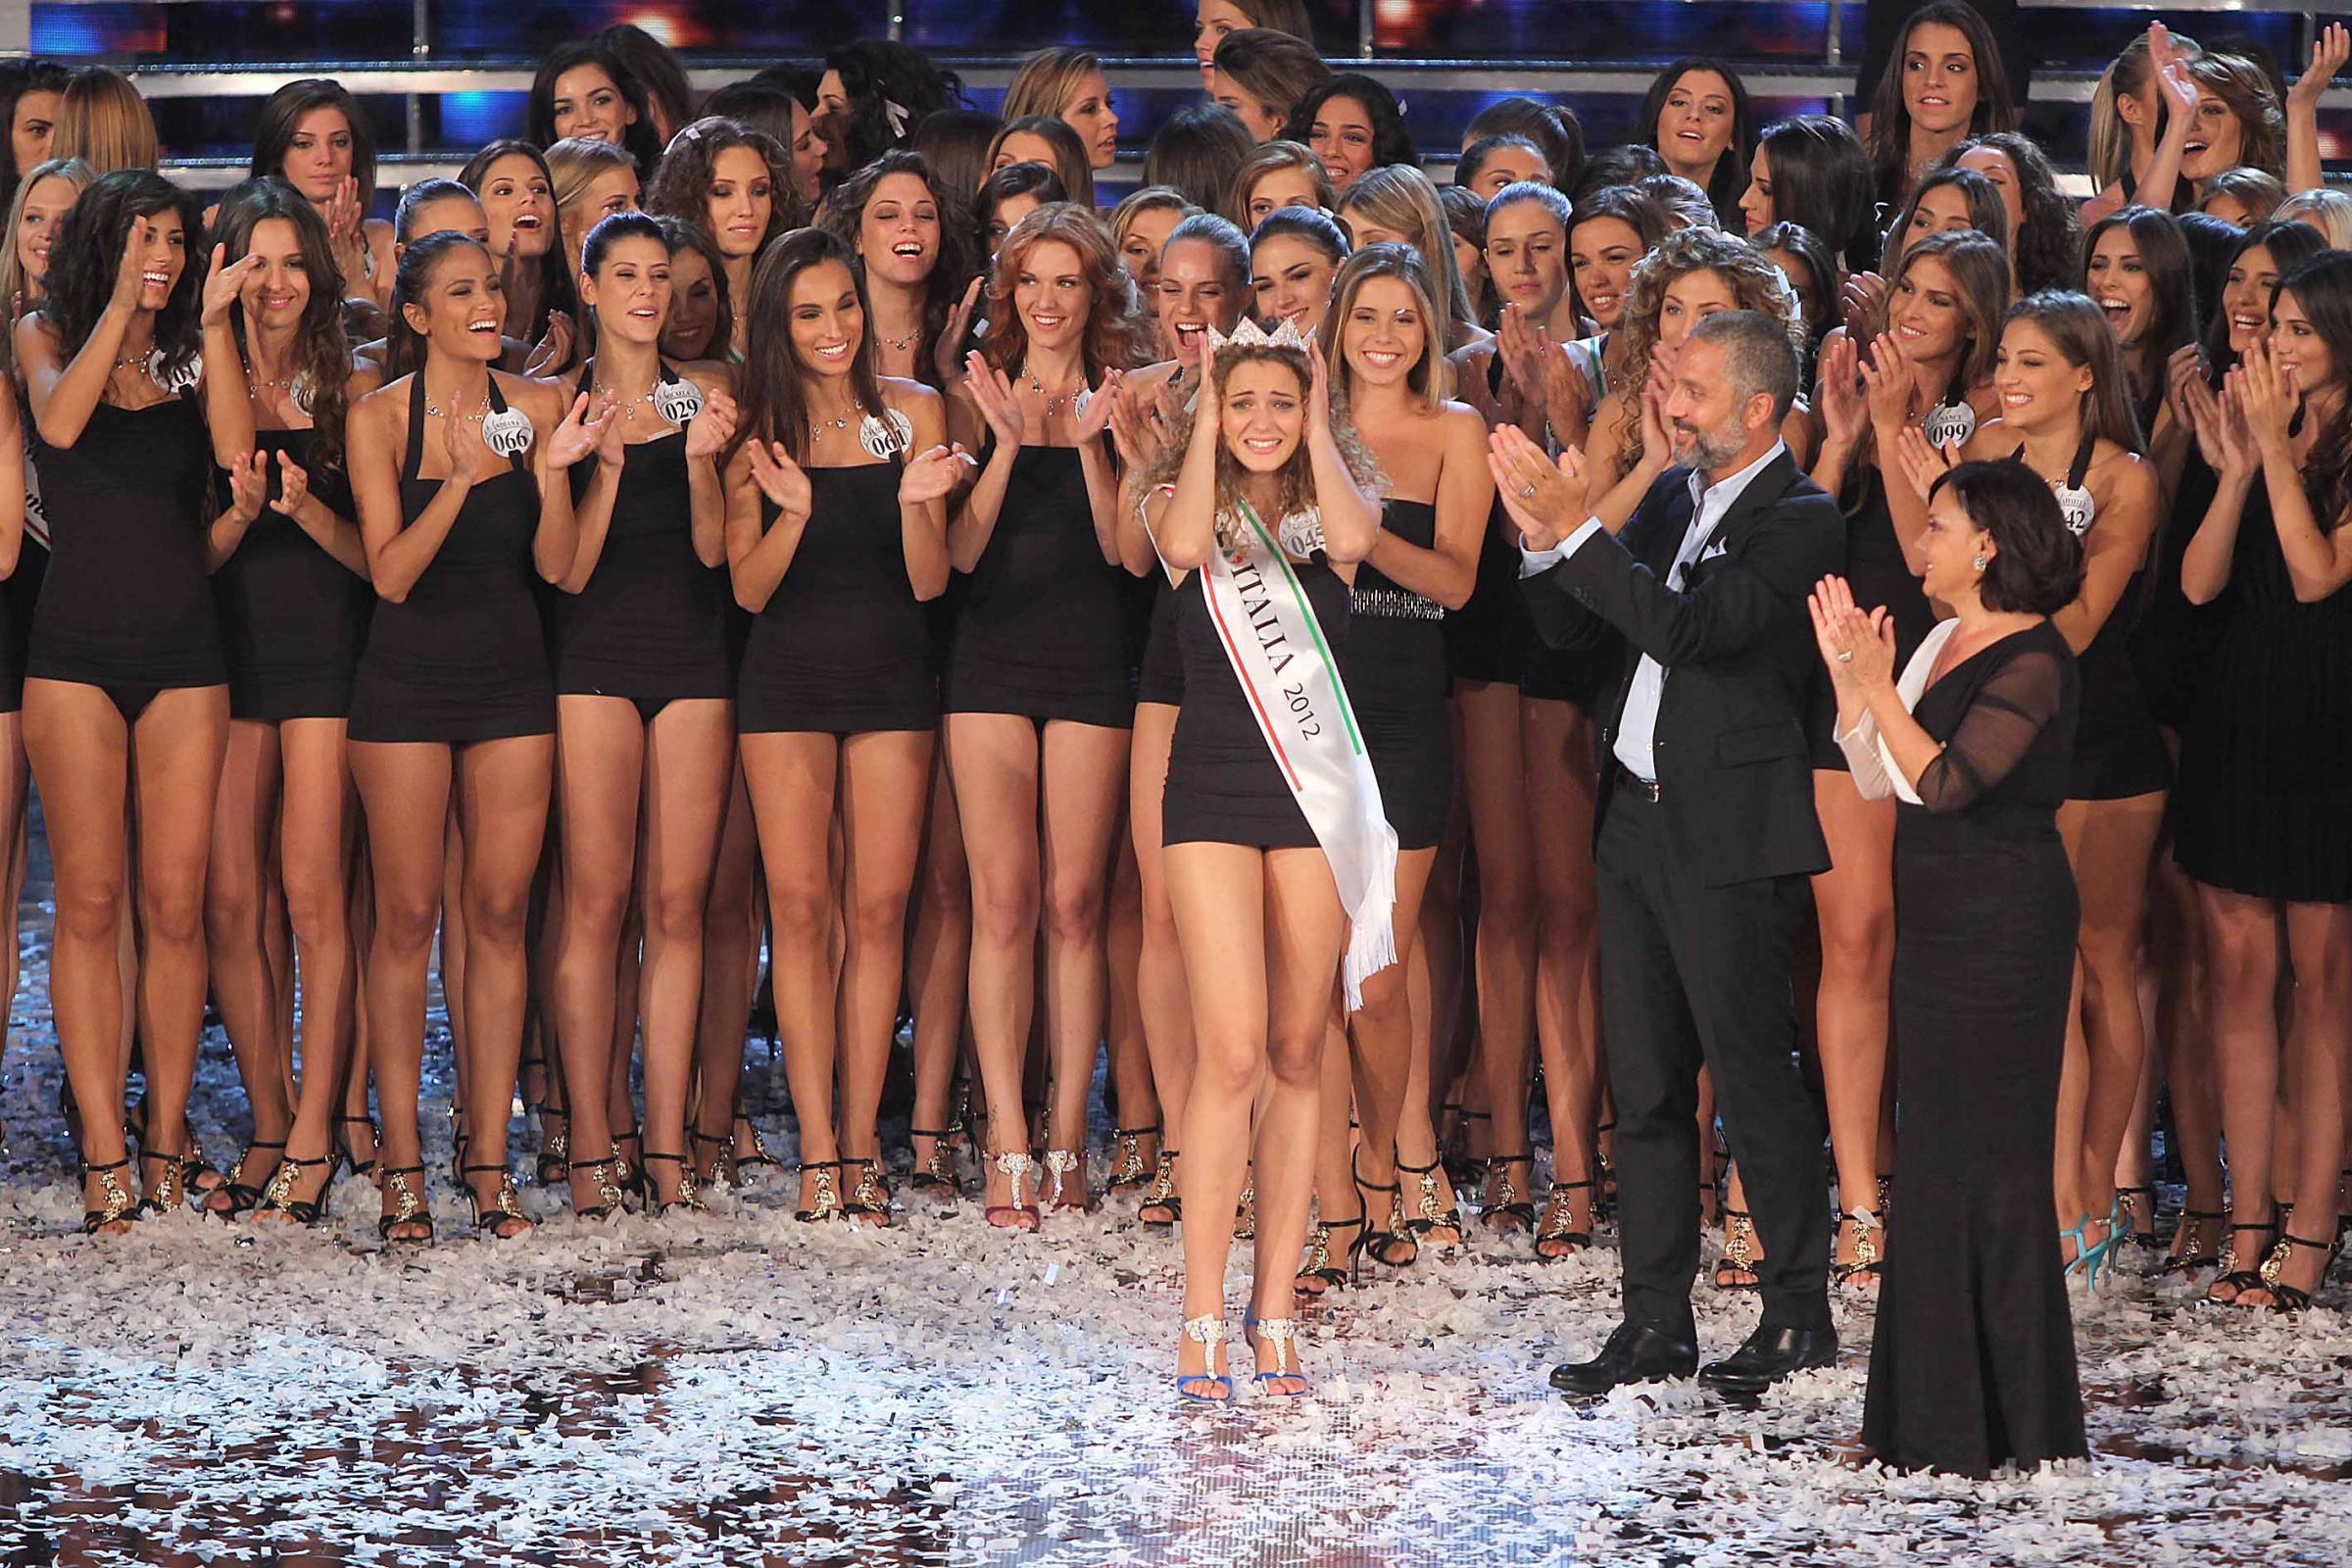 Sformat di Mariano Sabatini – Fiorello non è d'accordo con Boldrini su Miss Italia. Allora è tutt'altra storia